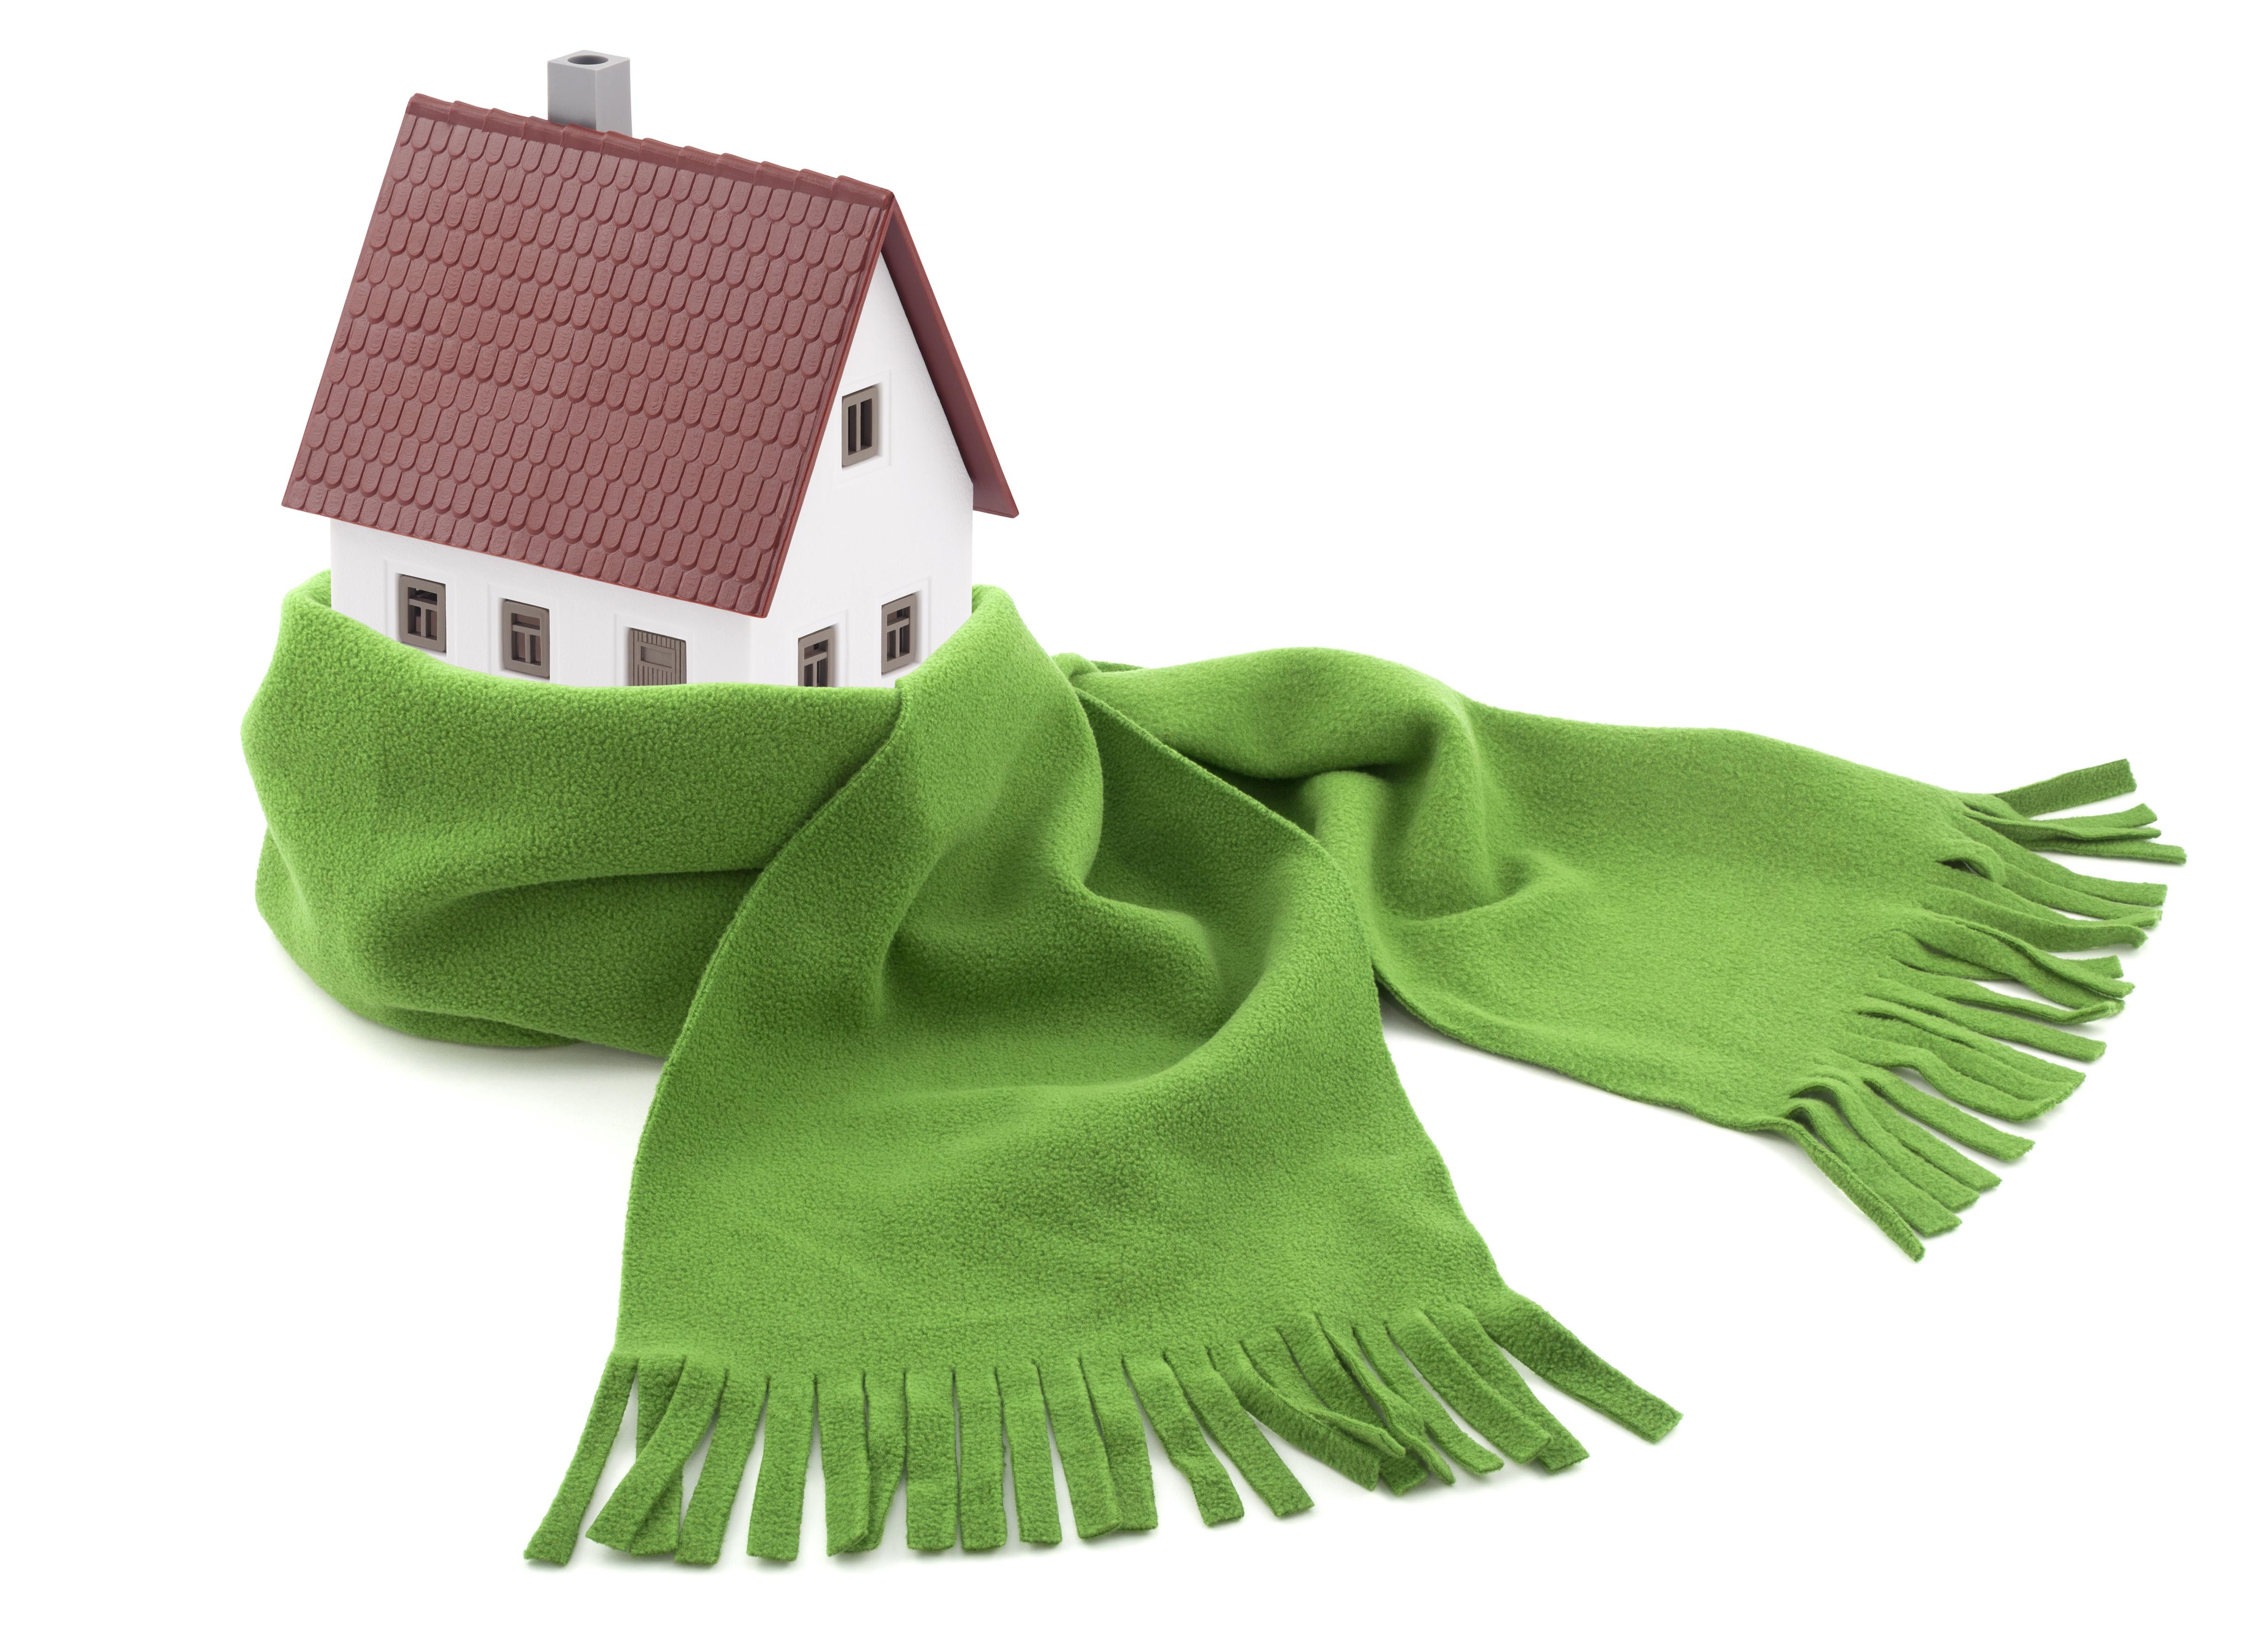 Συμβουλές για να κρατήσεις το σπίτι ζεστό αυτό τον χειμώνα